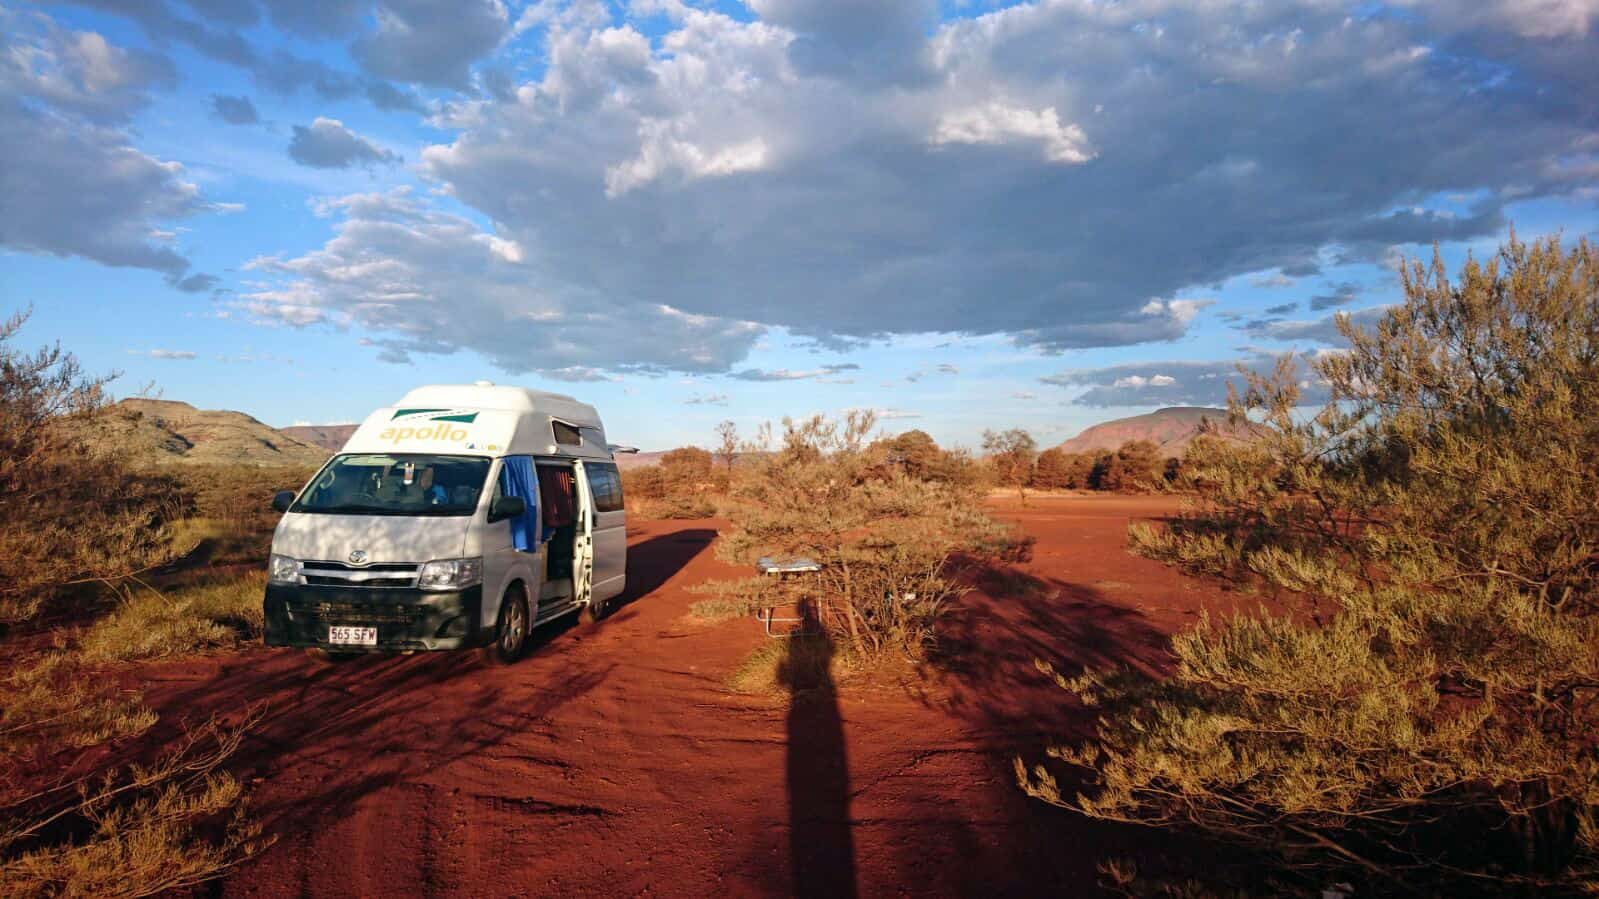 Fantastische outback ervaring